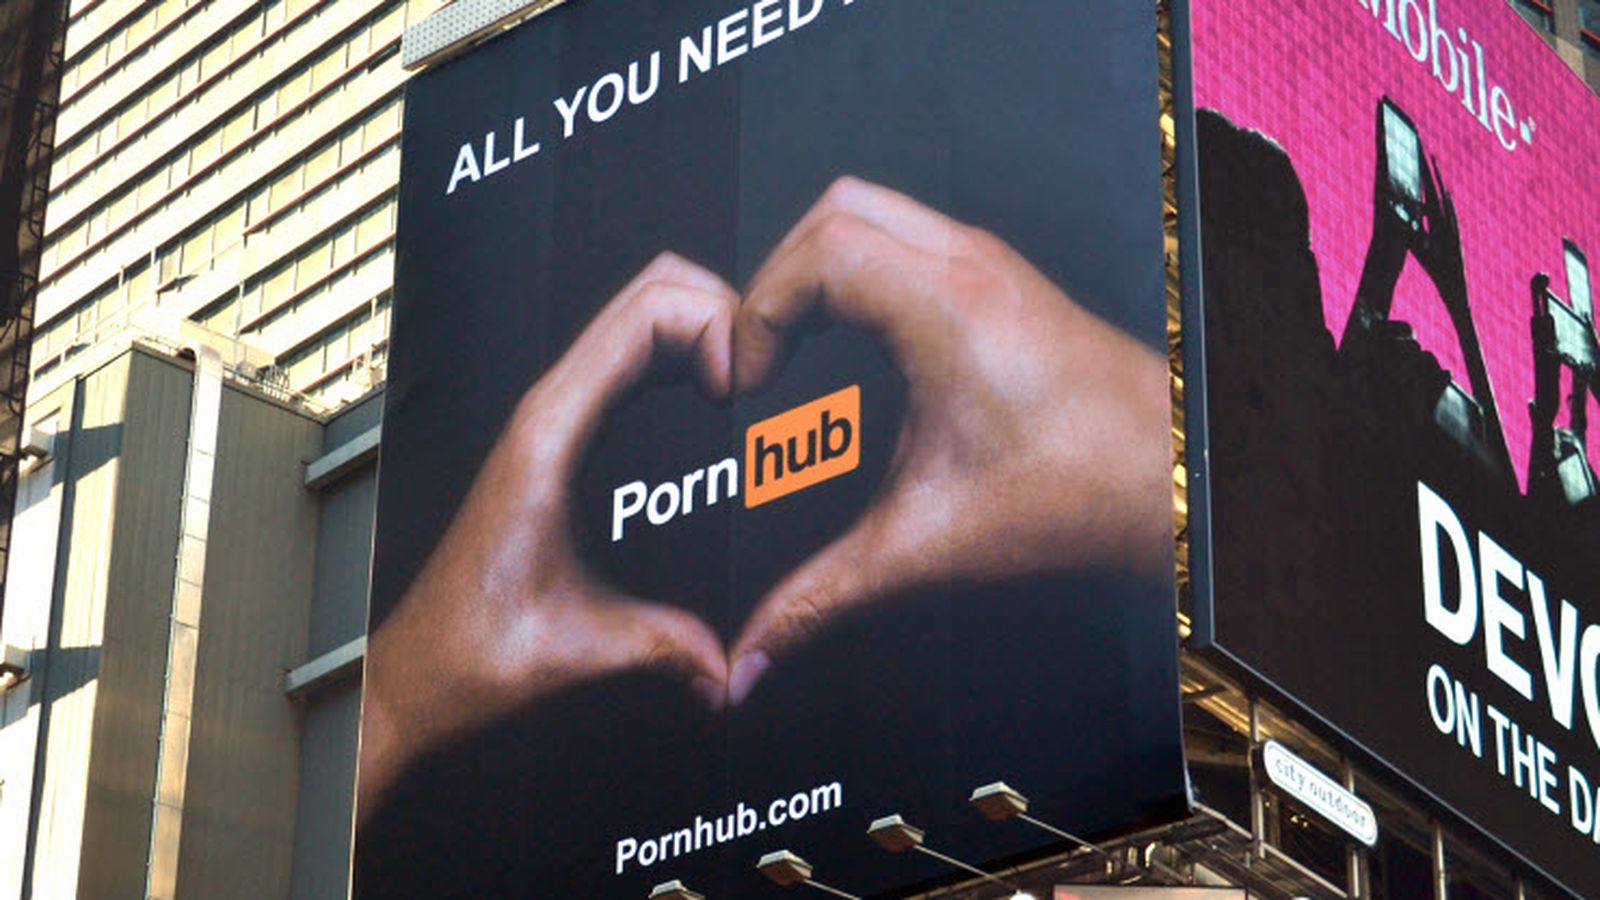 pornhuh